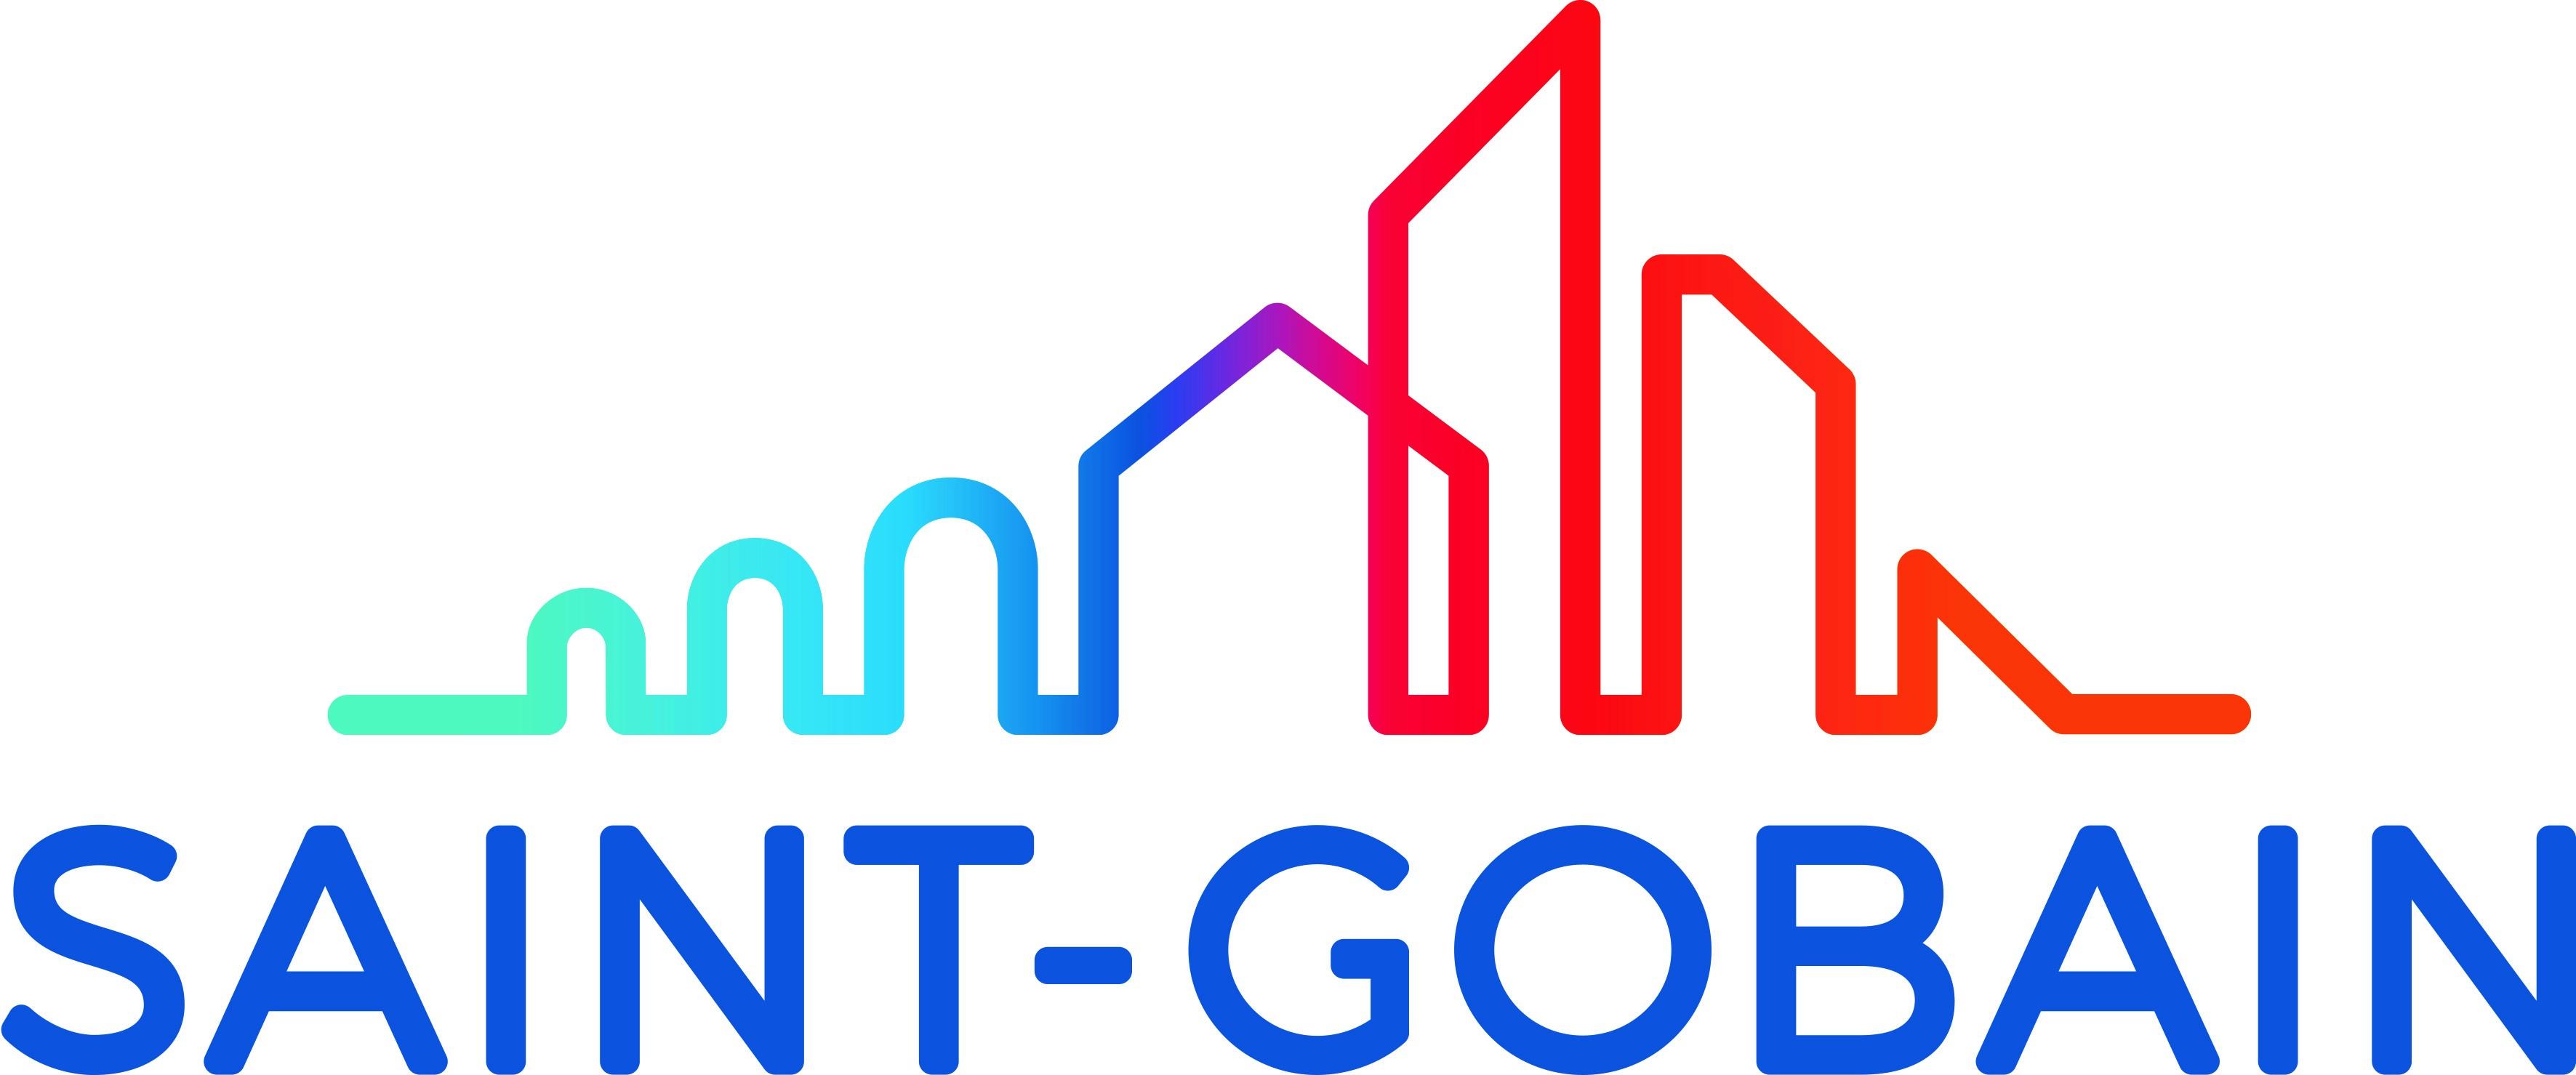 COTE - Saint-Gobain logo